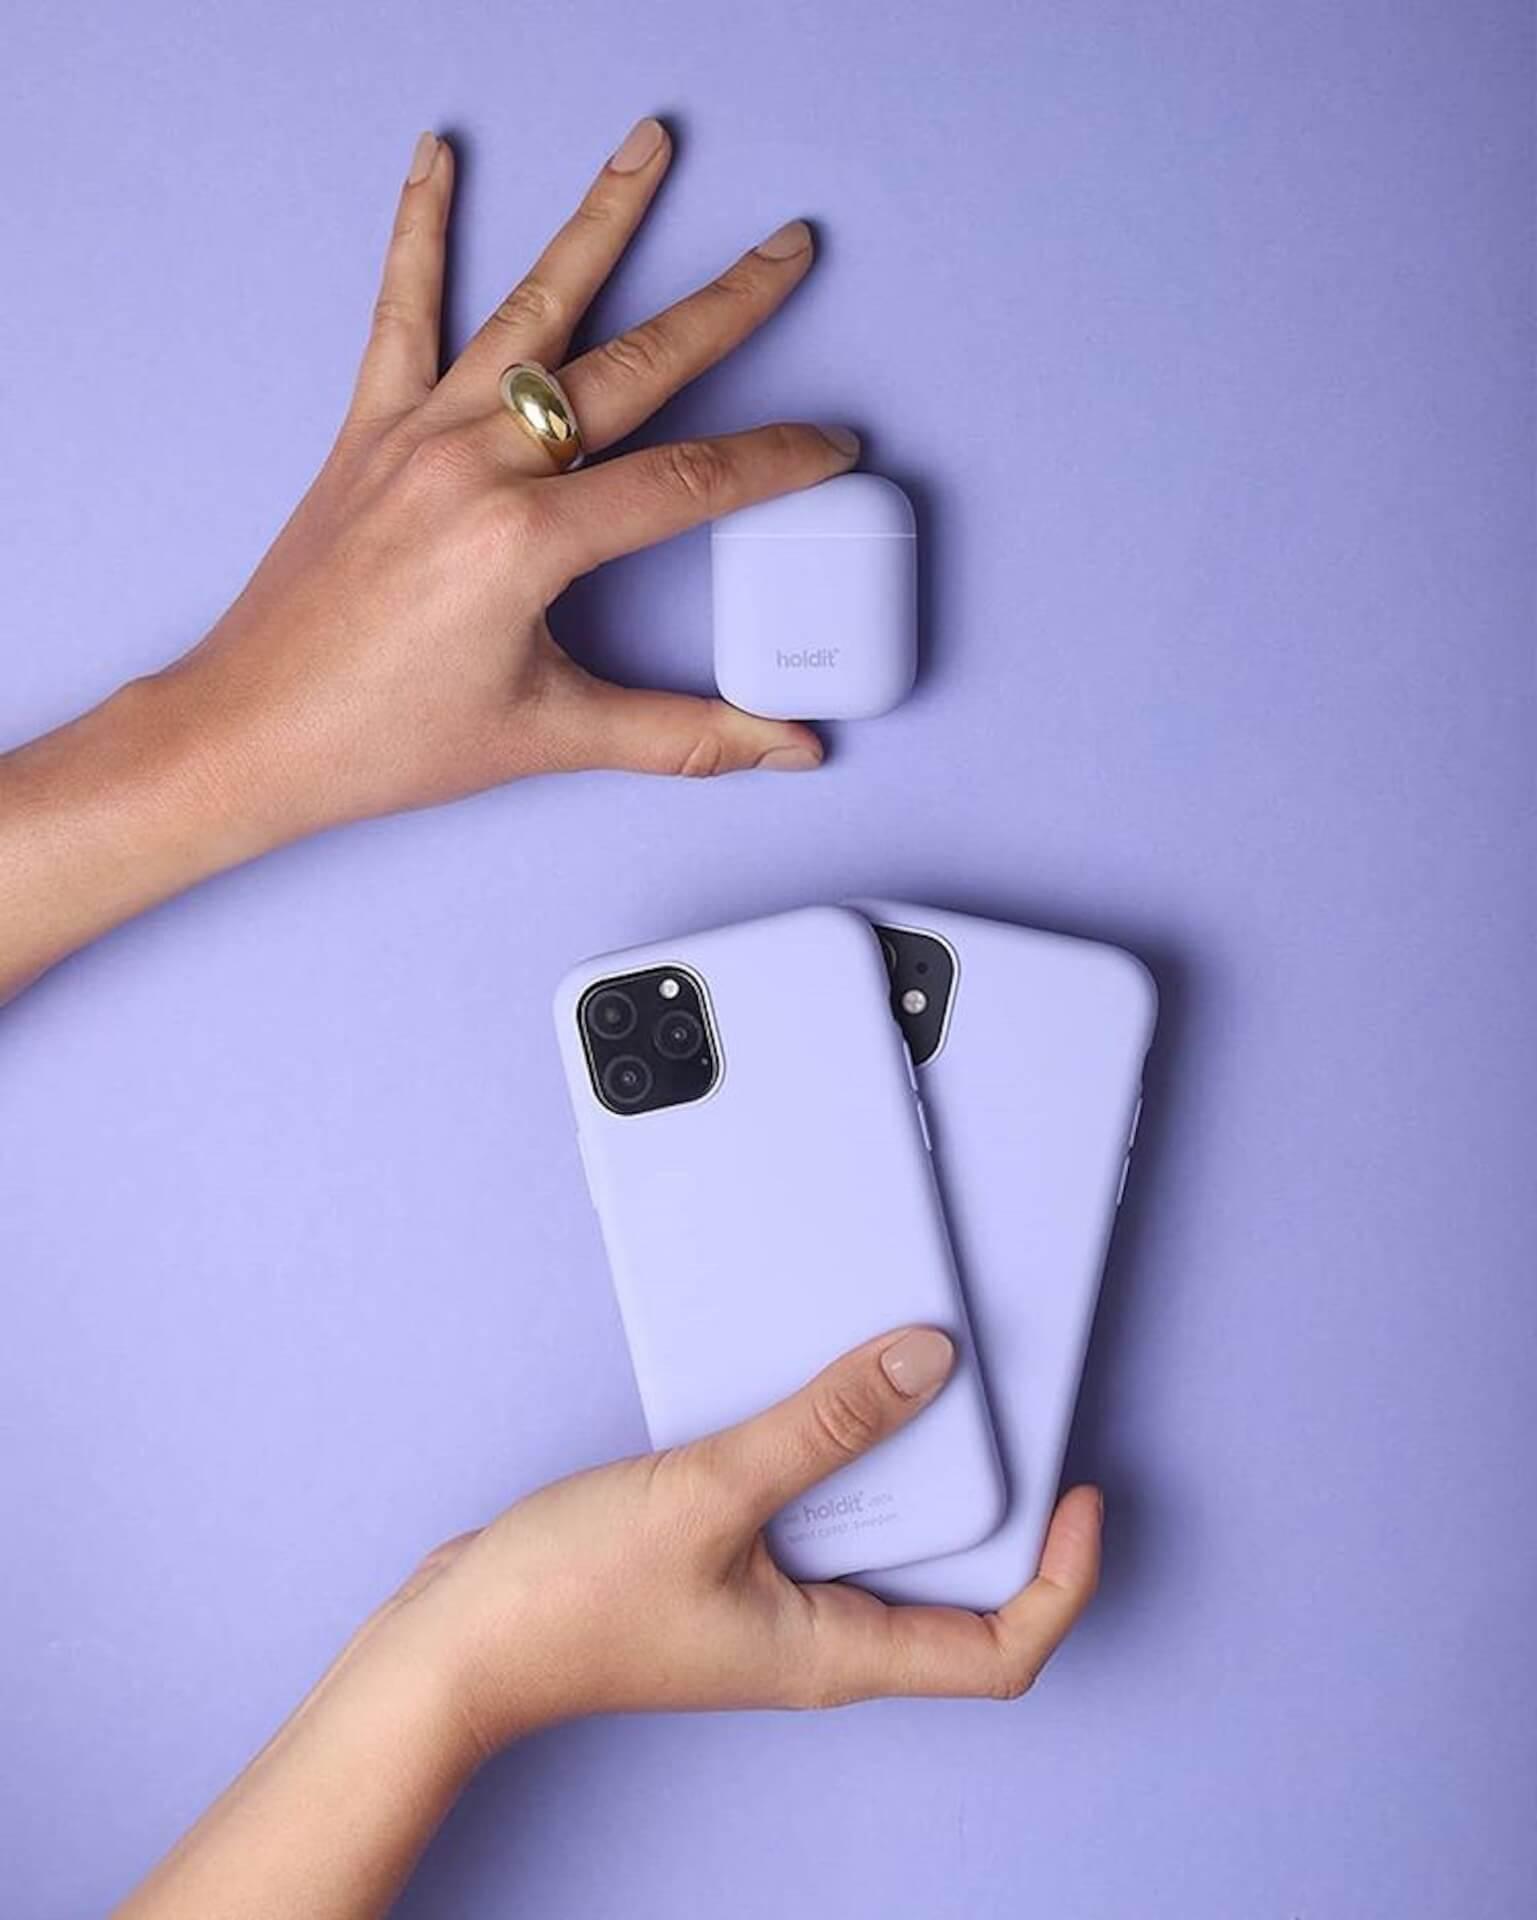 豊富なカラーバリエーションが人気のHolditシリコンケースにiPhone 12シリーズ専用ケースが登場! tech201022_iphone12_case_3